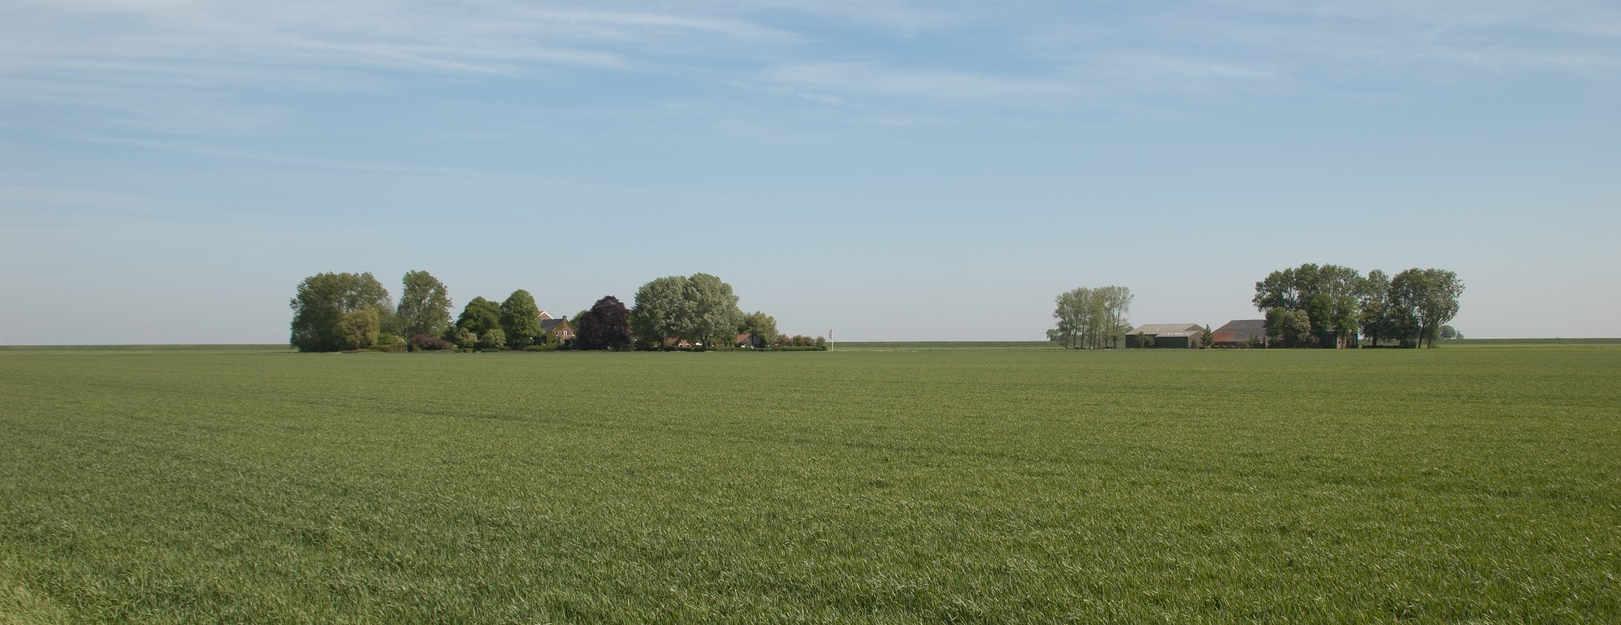 Aanrijding A28 Groningen, aanrijding A28 Hoogeveen, A28 Hoogeveen Groningen